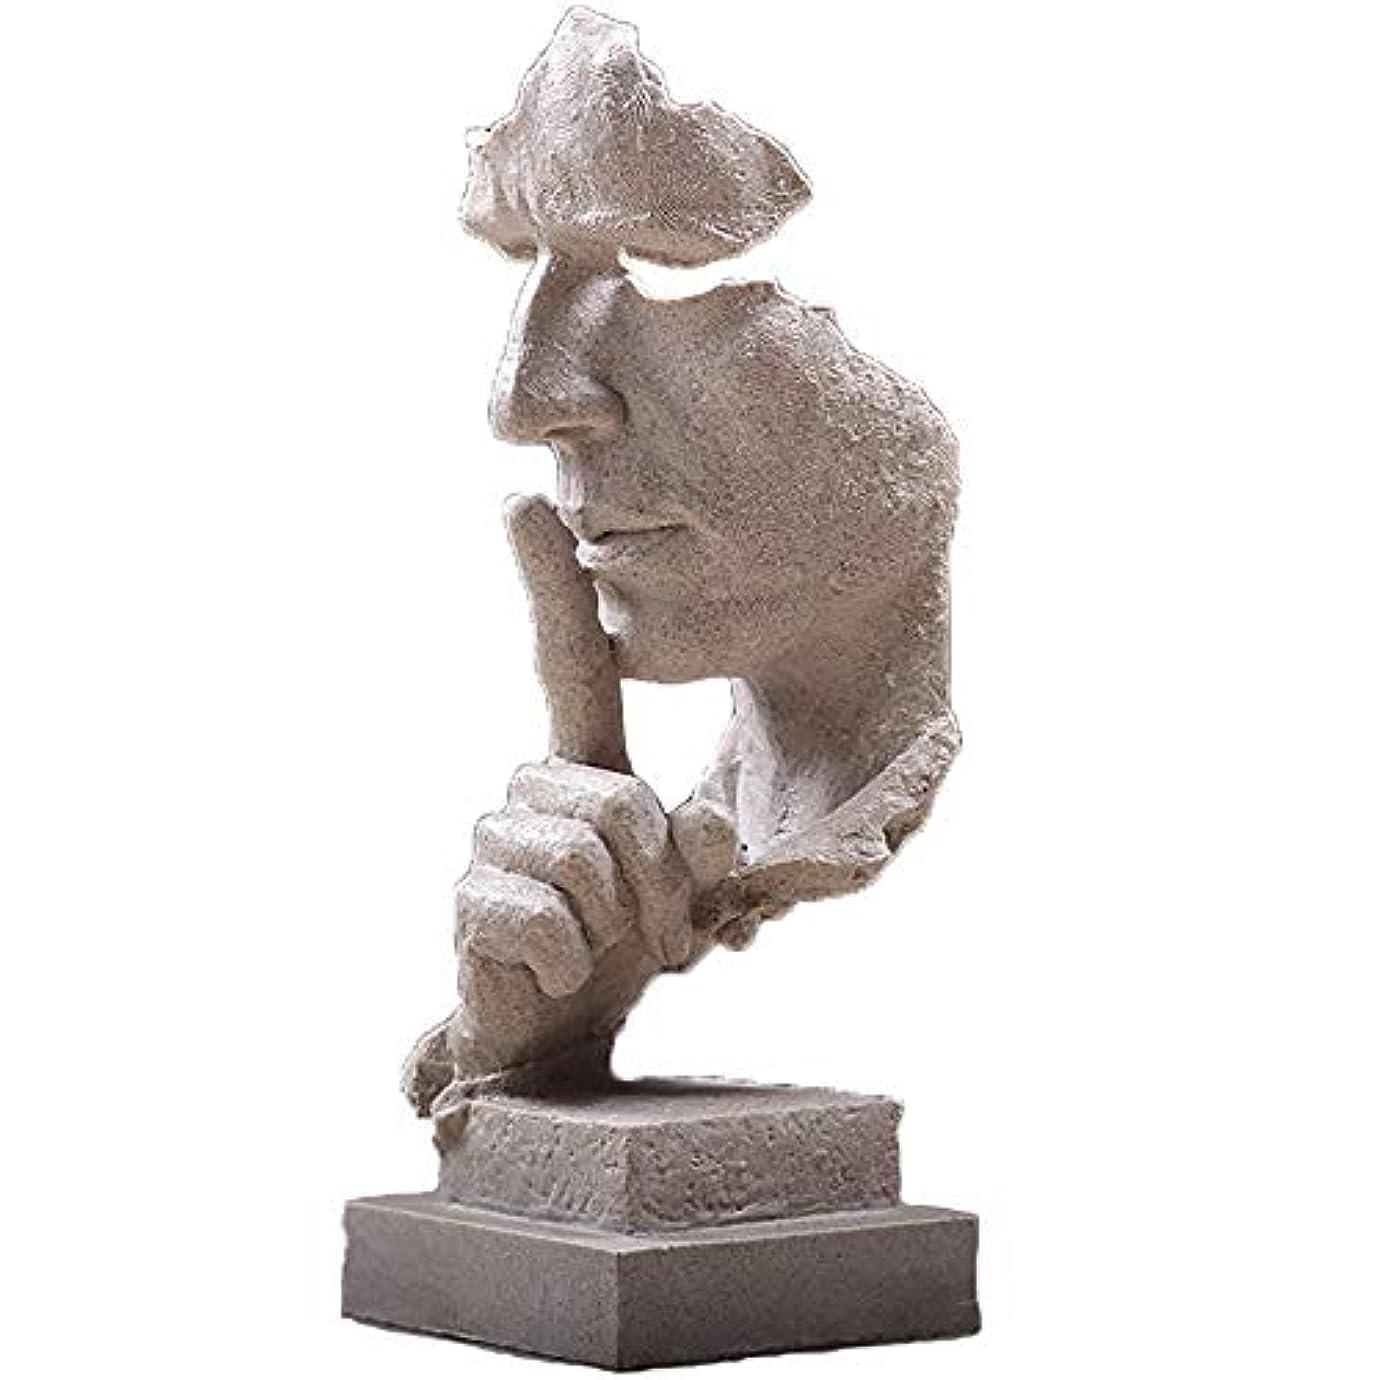 障害者推進コンセンサス樹脂抽象彫刻沈黙はゴールデン男性像キャラクター工芸品装飾用オフィスリビングルームアートワーク,White